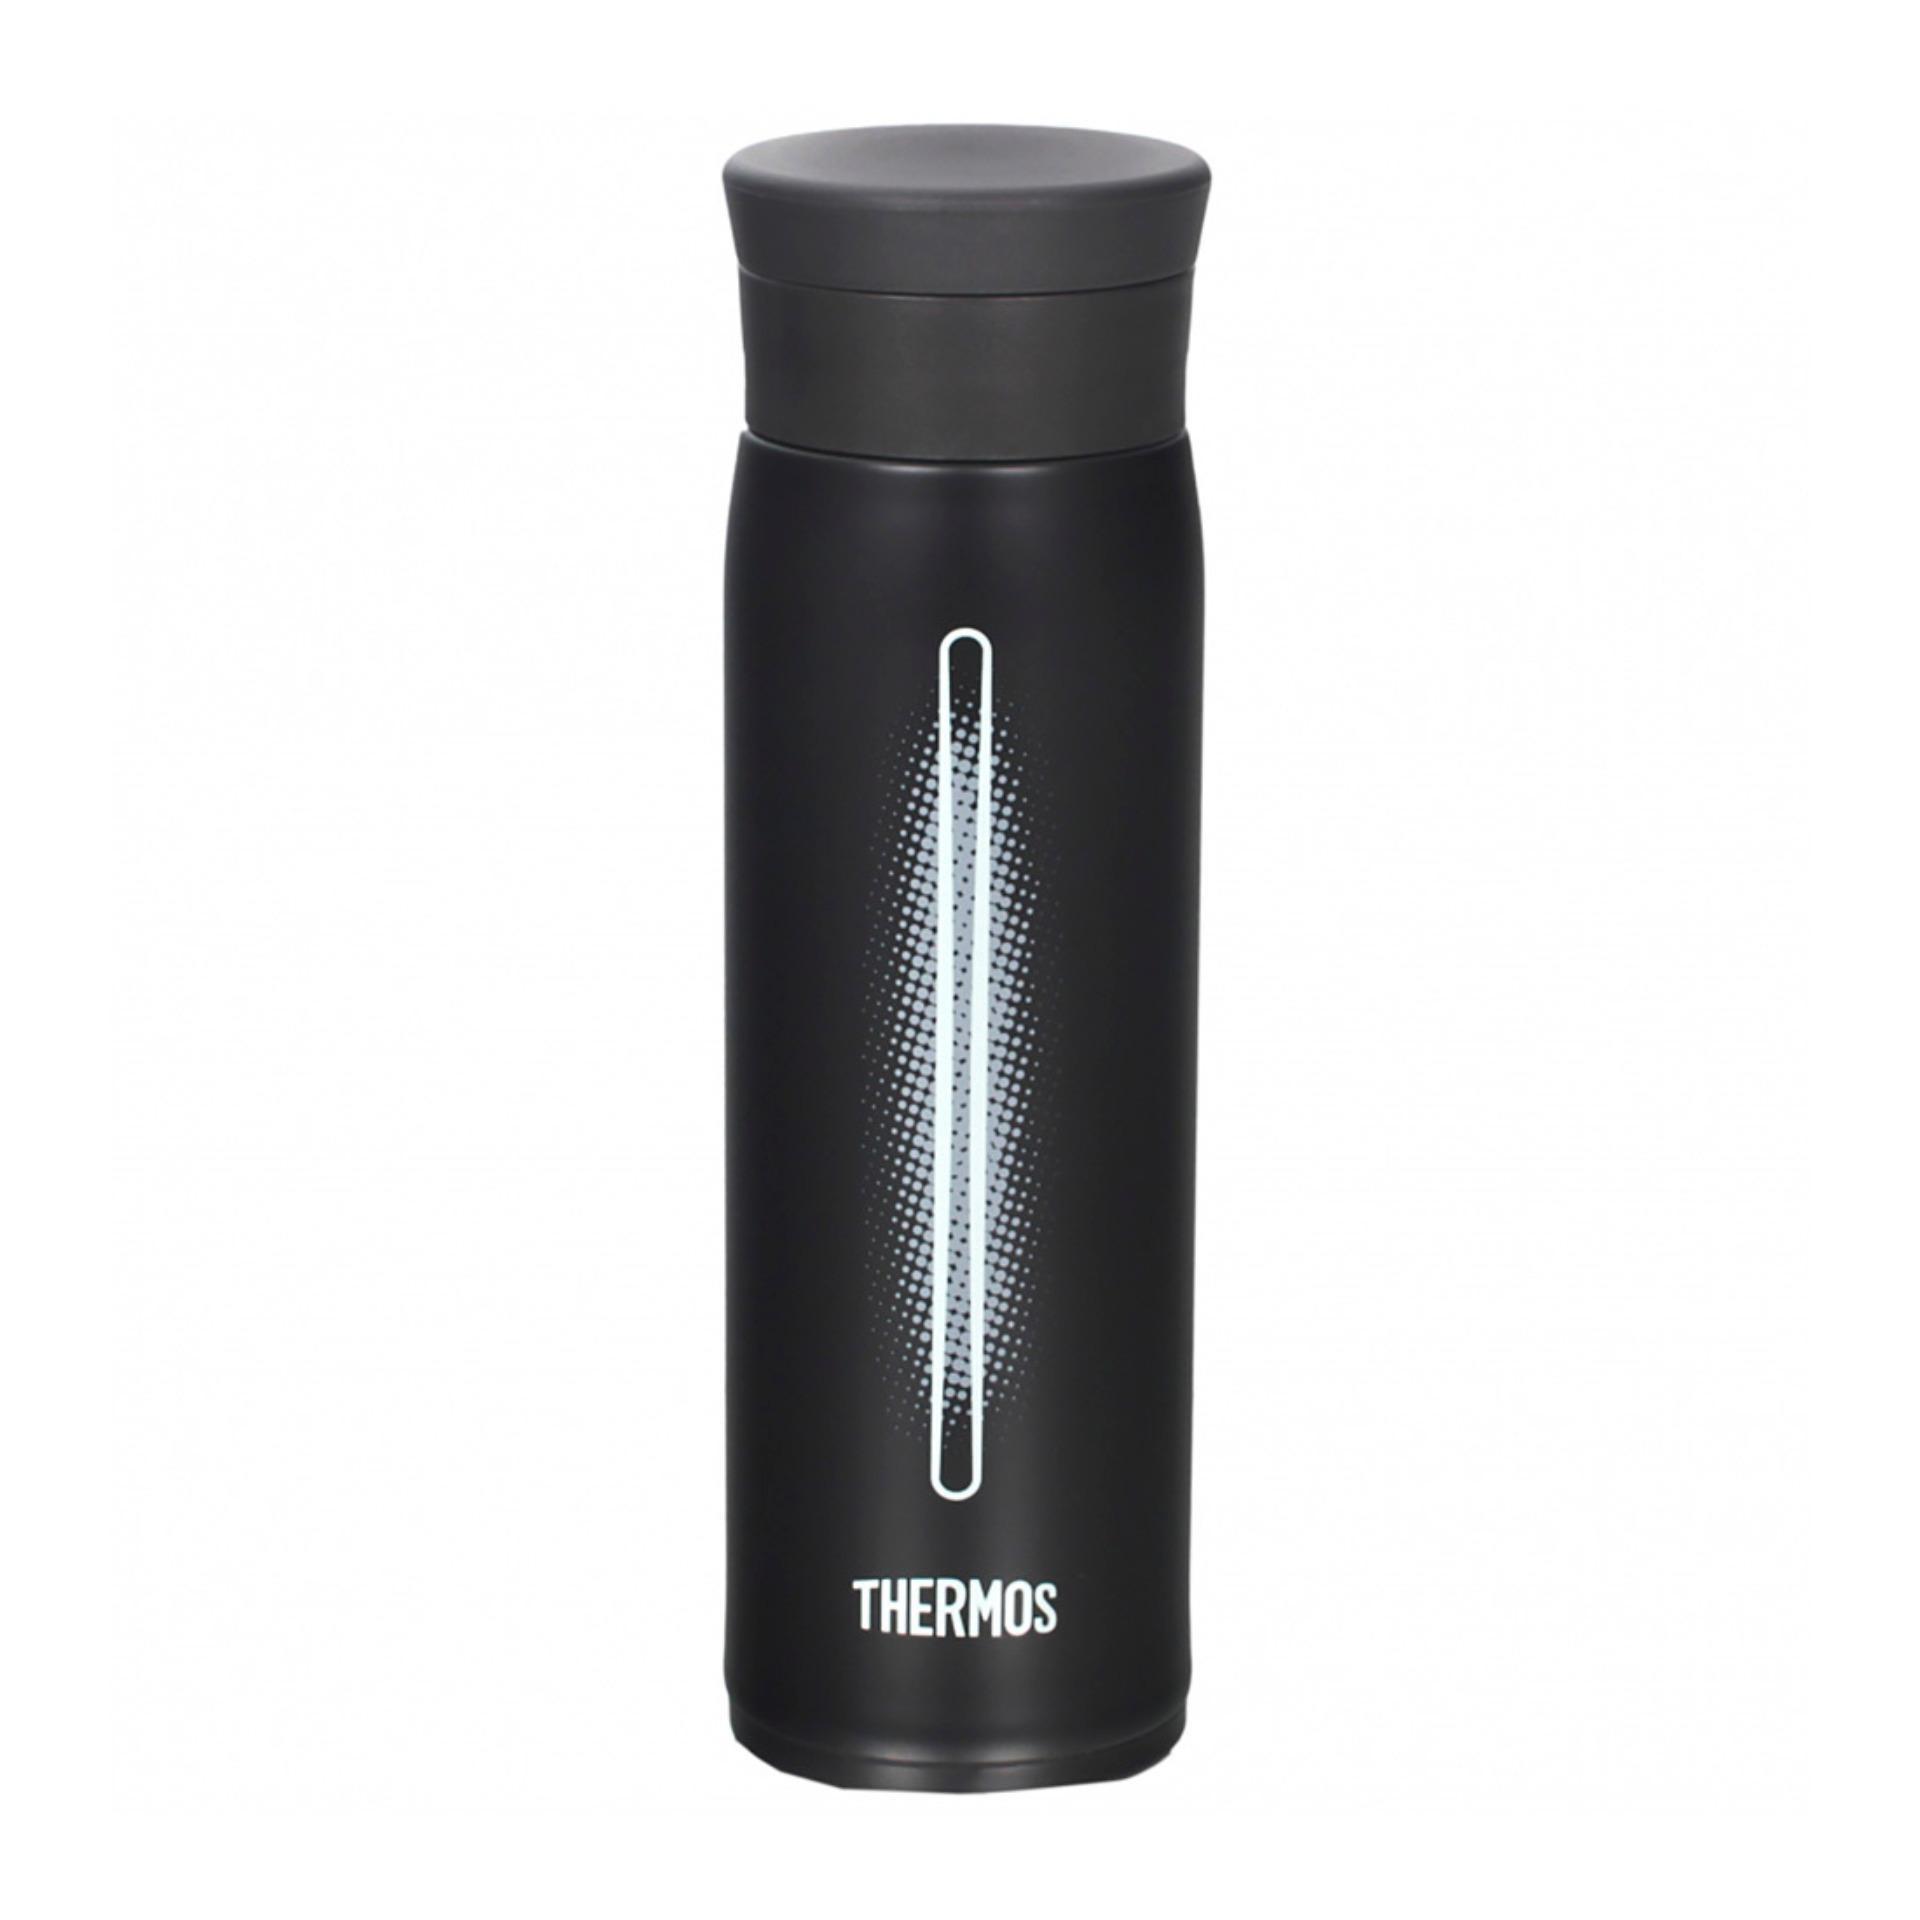 1002 F BK G NEW Water bottle vacuum insulation 1.0L Black gradation FFZ